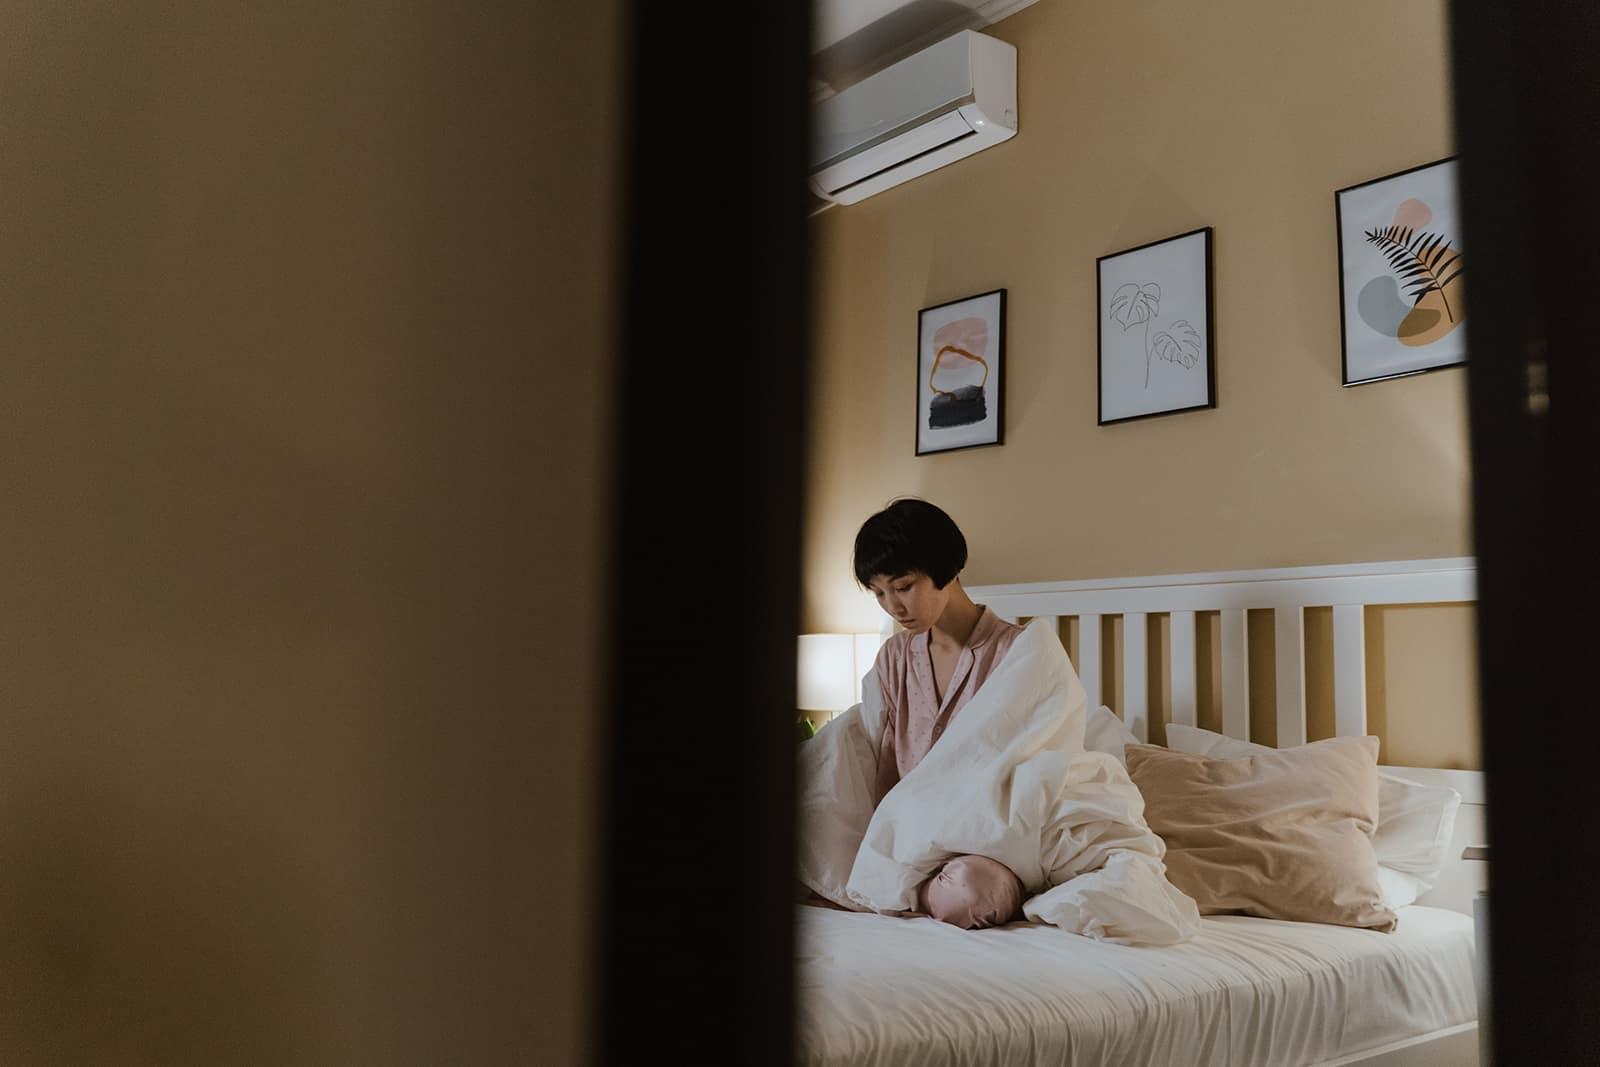 depressive Frau sitzt auf dem Bett mit Decke bedeckt